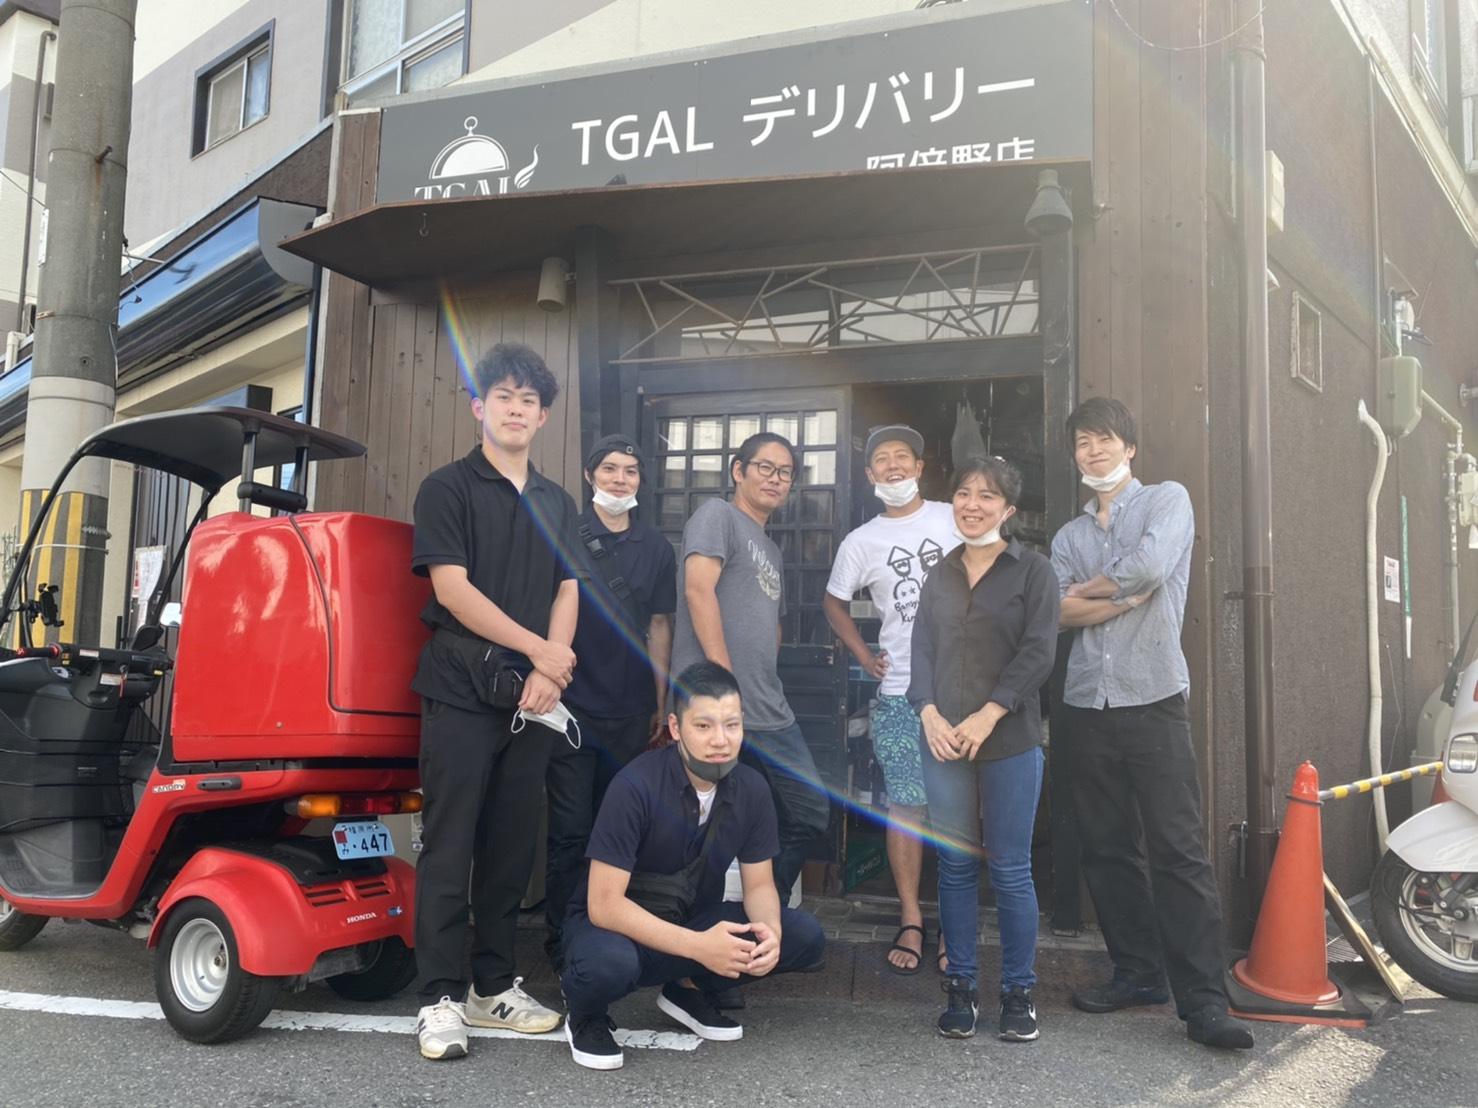 【リニューアル】TGALデリバリー西田辺店がリニューアルオープン致しました。